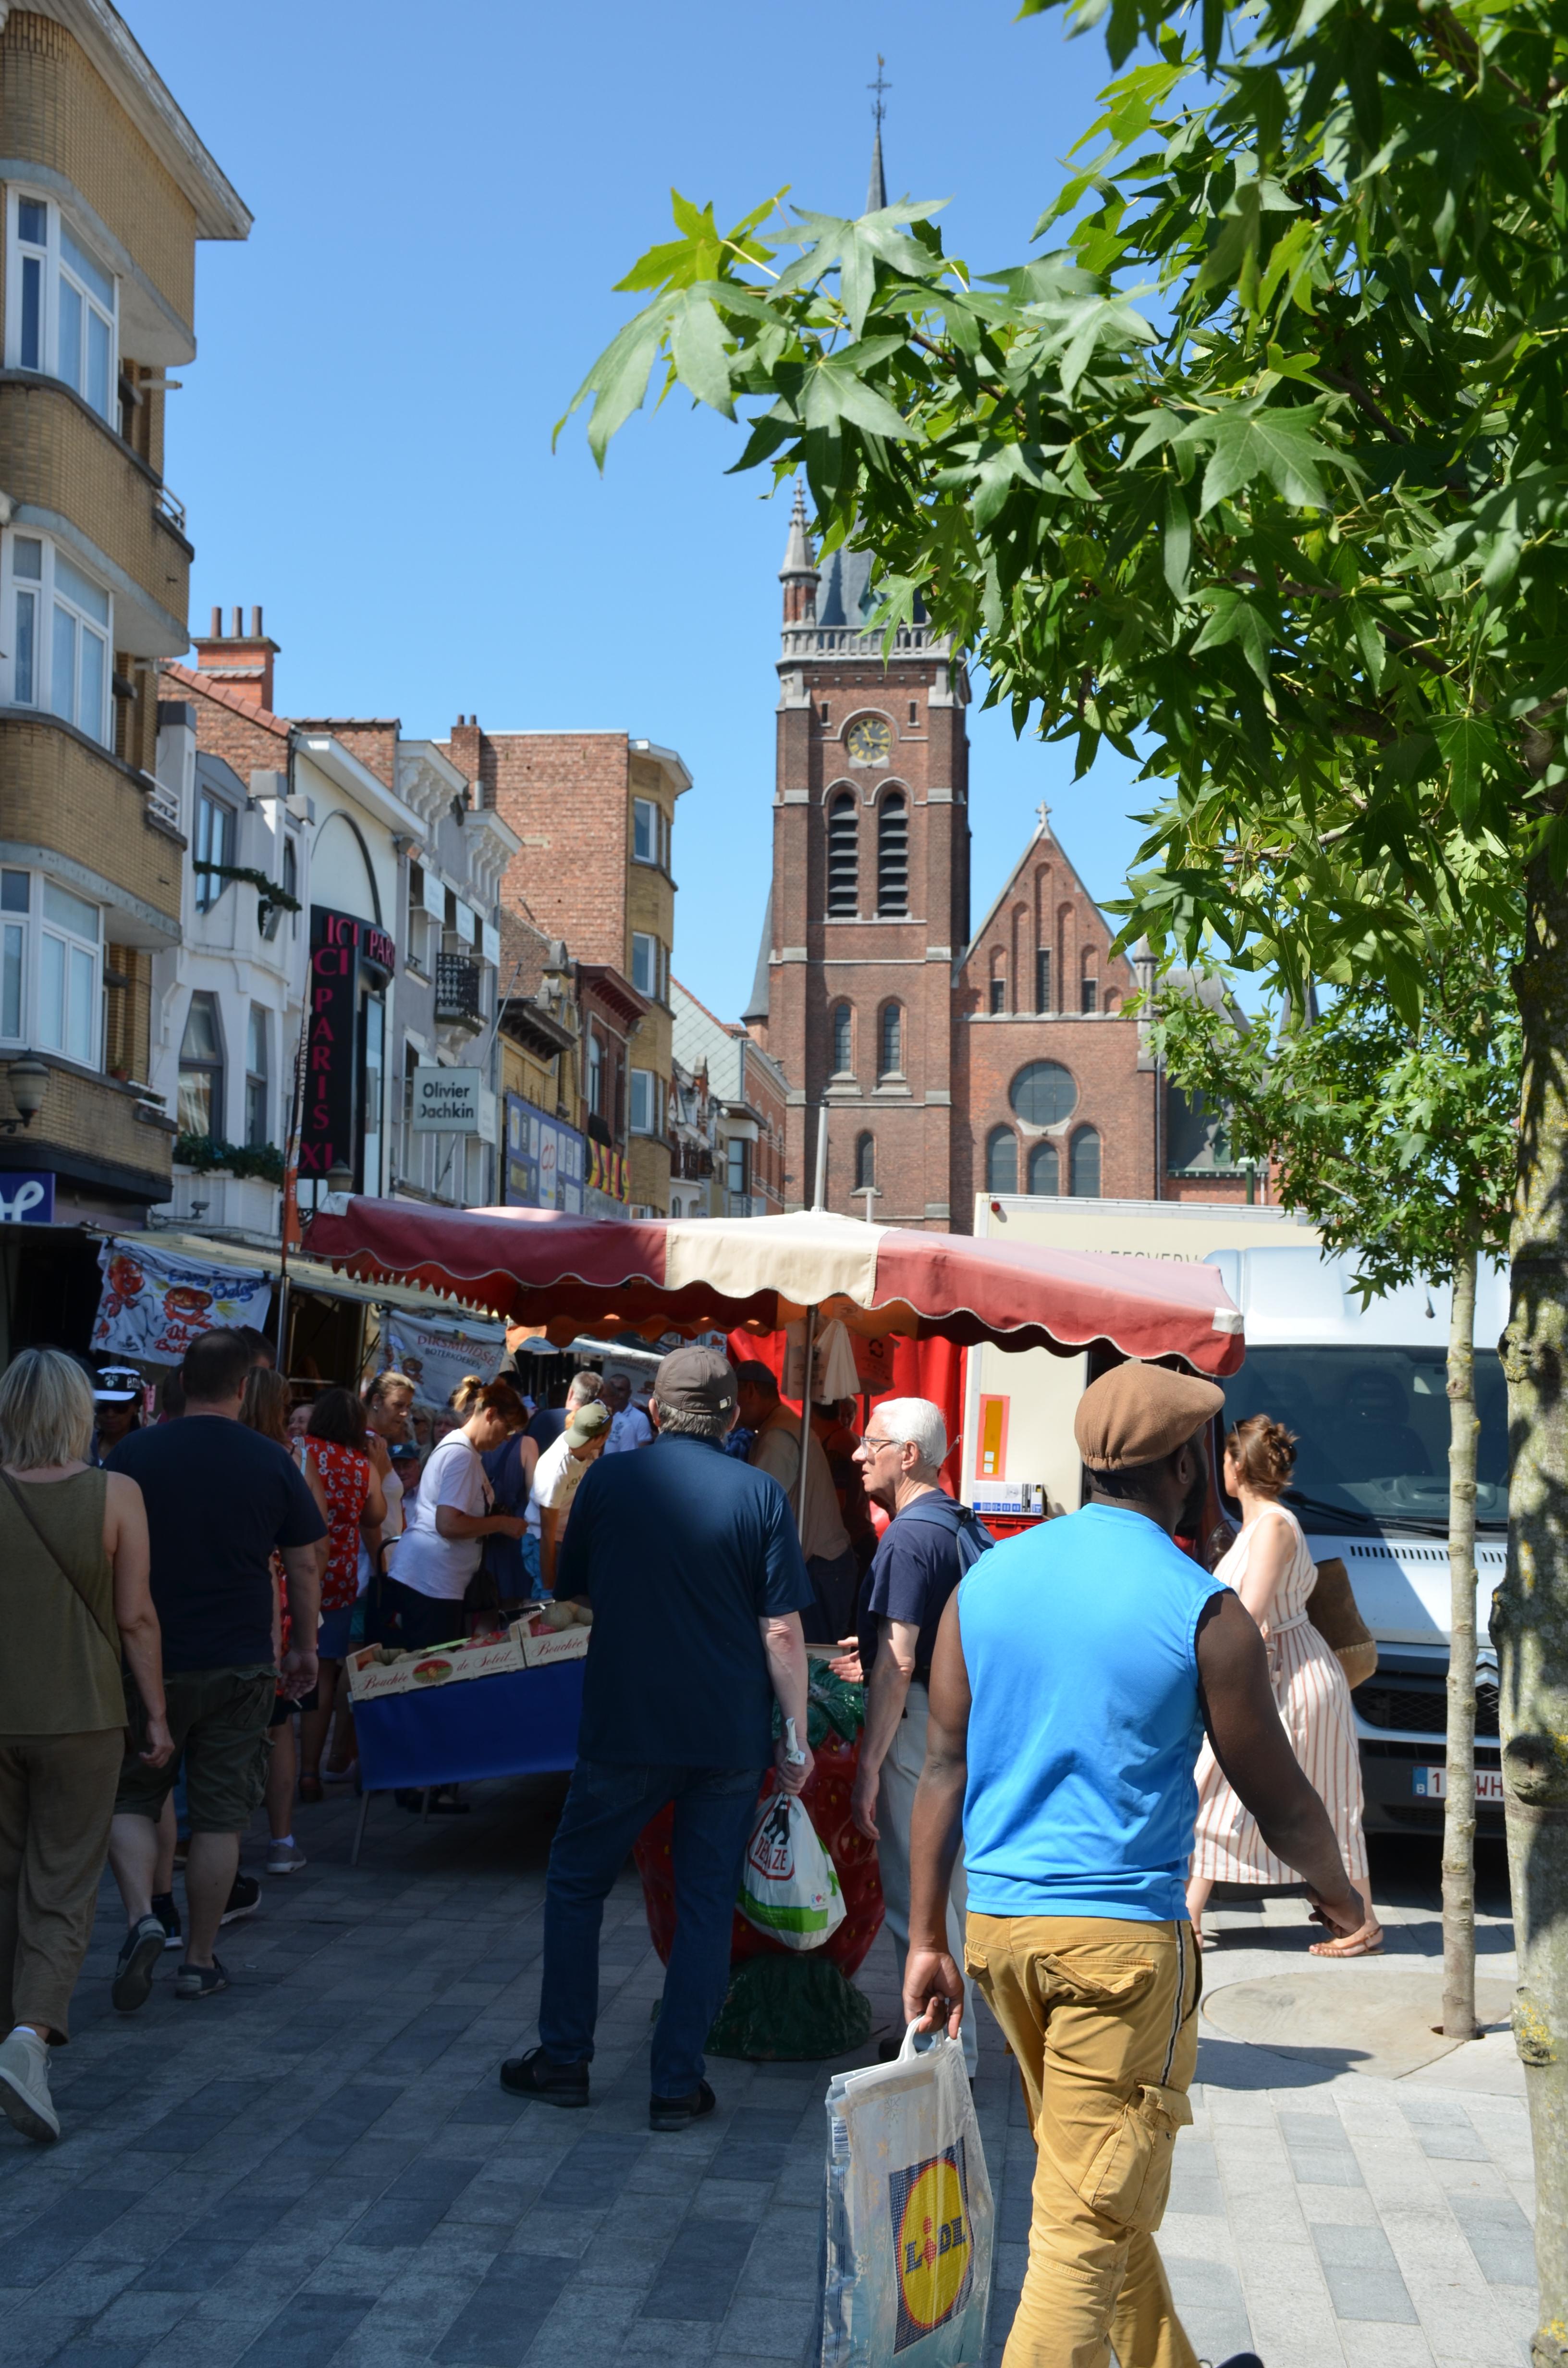 Jetse zondagsmarkt weer thuis op Spiegel